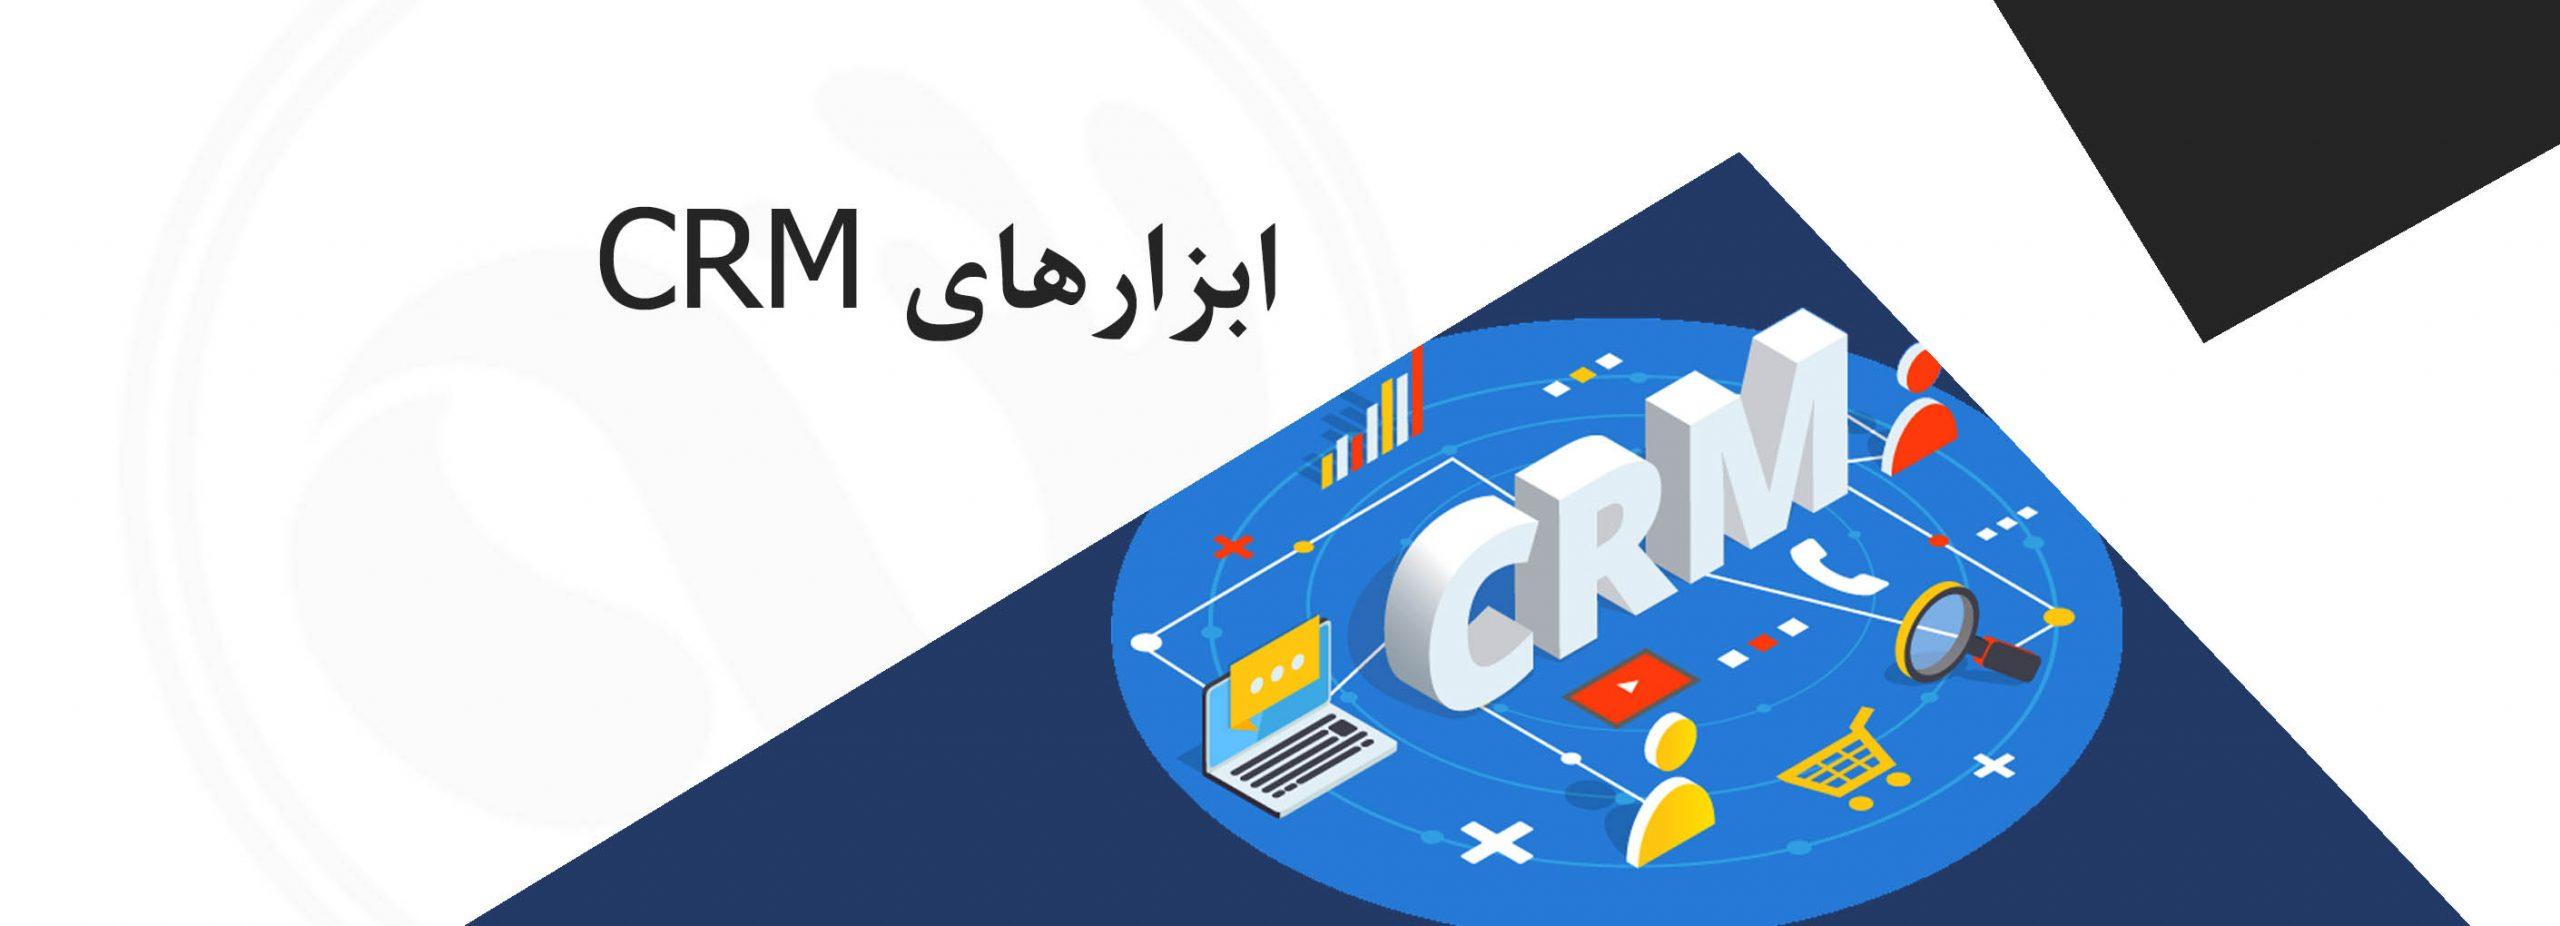 ابزار های CRM